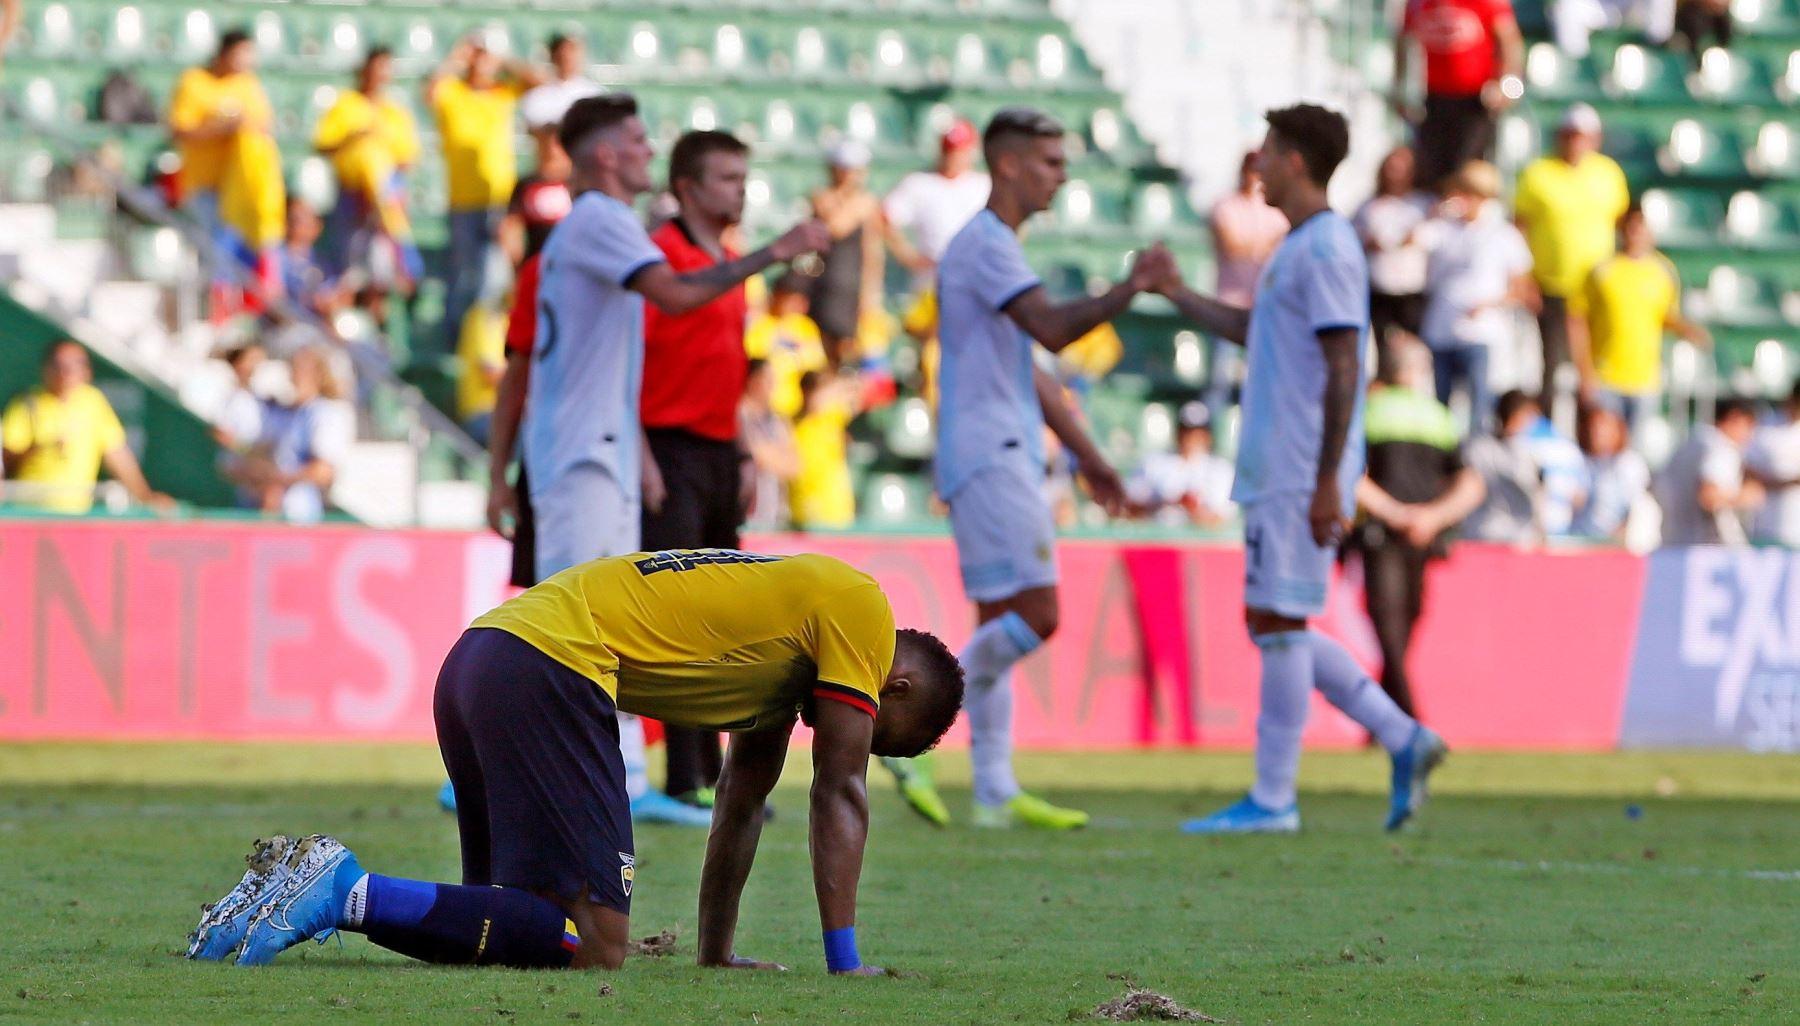 El jugador de ecuatoriano Darlo Aimar se lamenta tras goleada de Ecuador. Foto: EFE